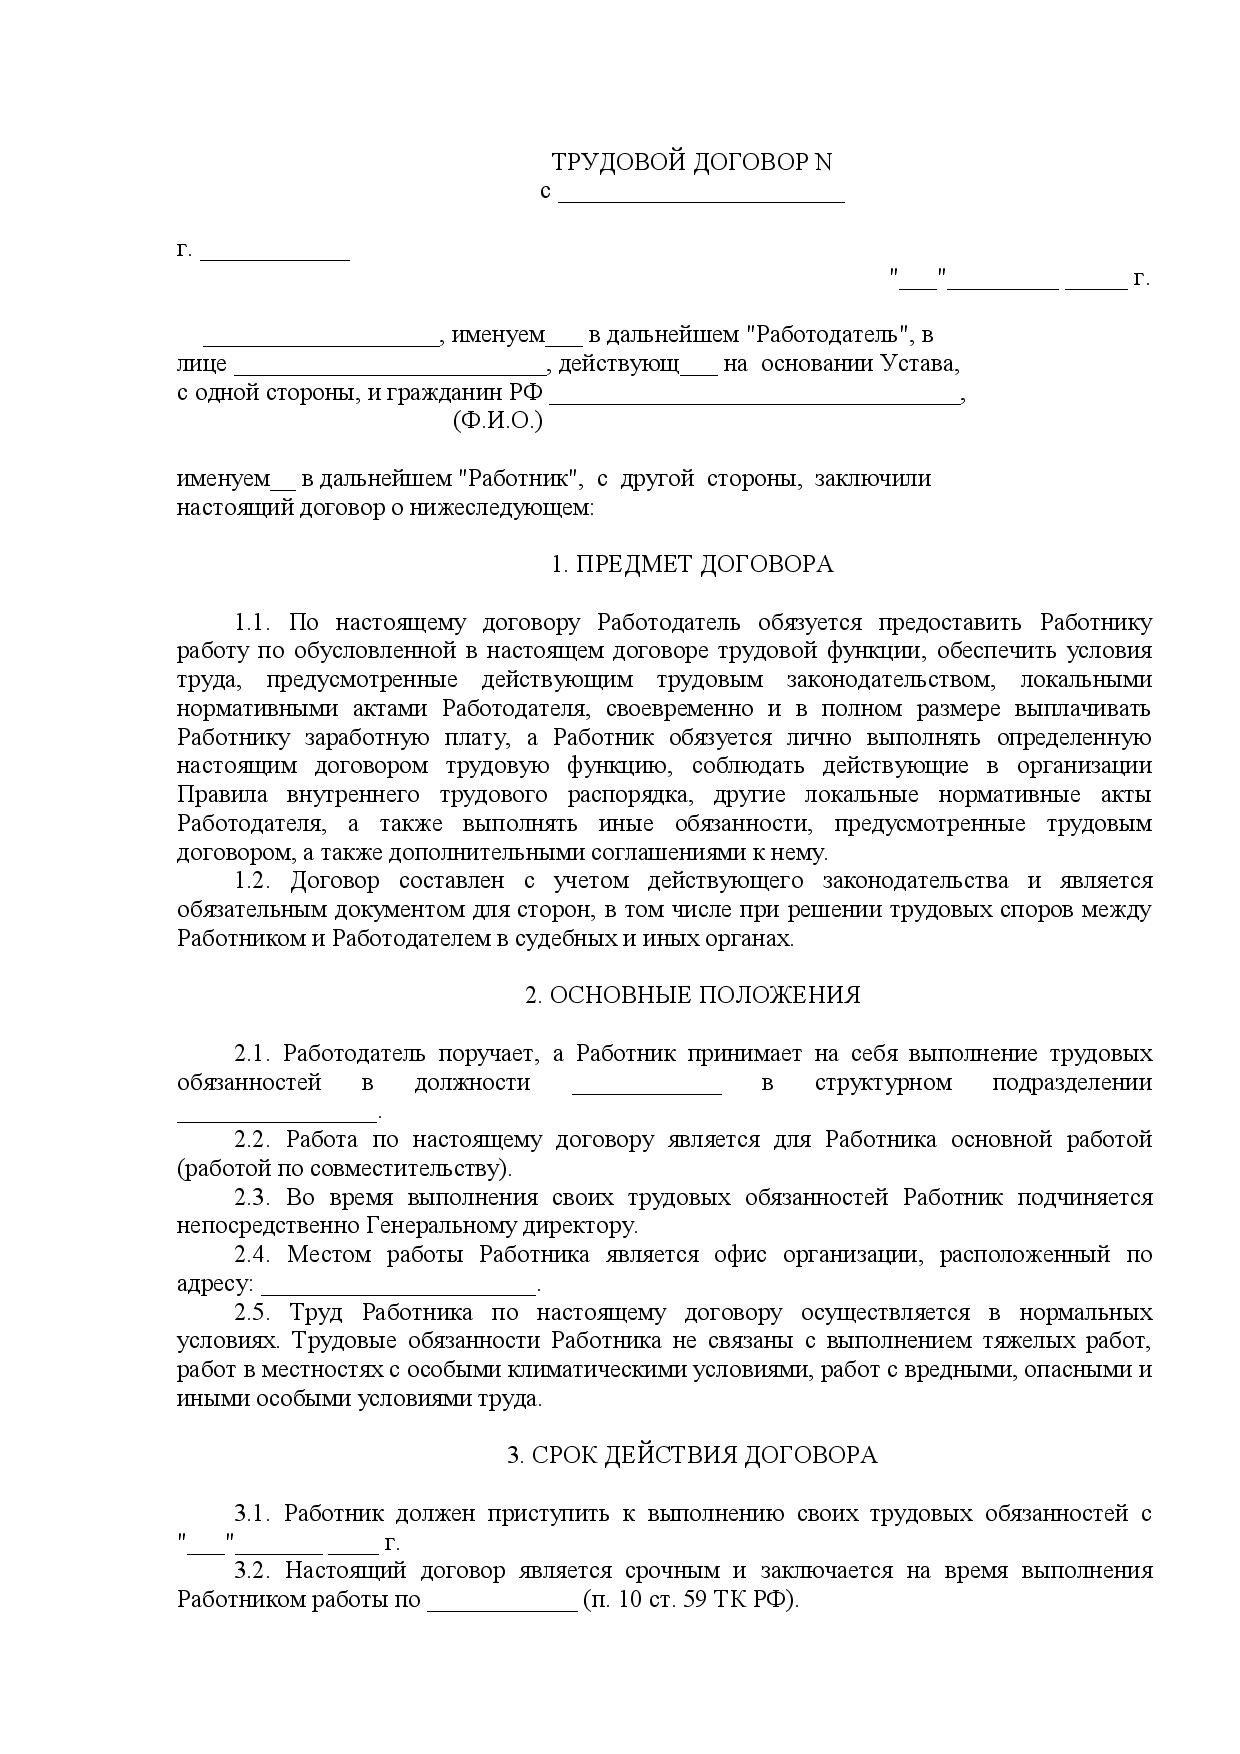 Трудовой договор ип с испытательным сроком пакет документов для получения кредита Халтуринская улица